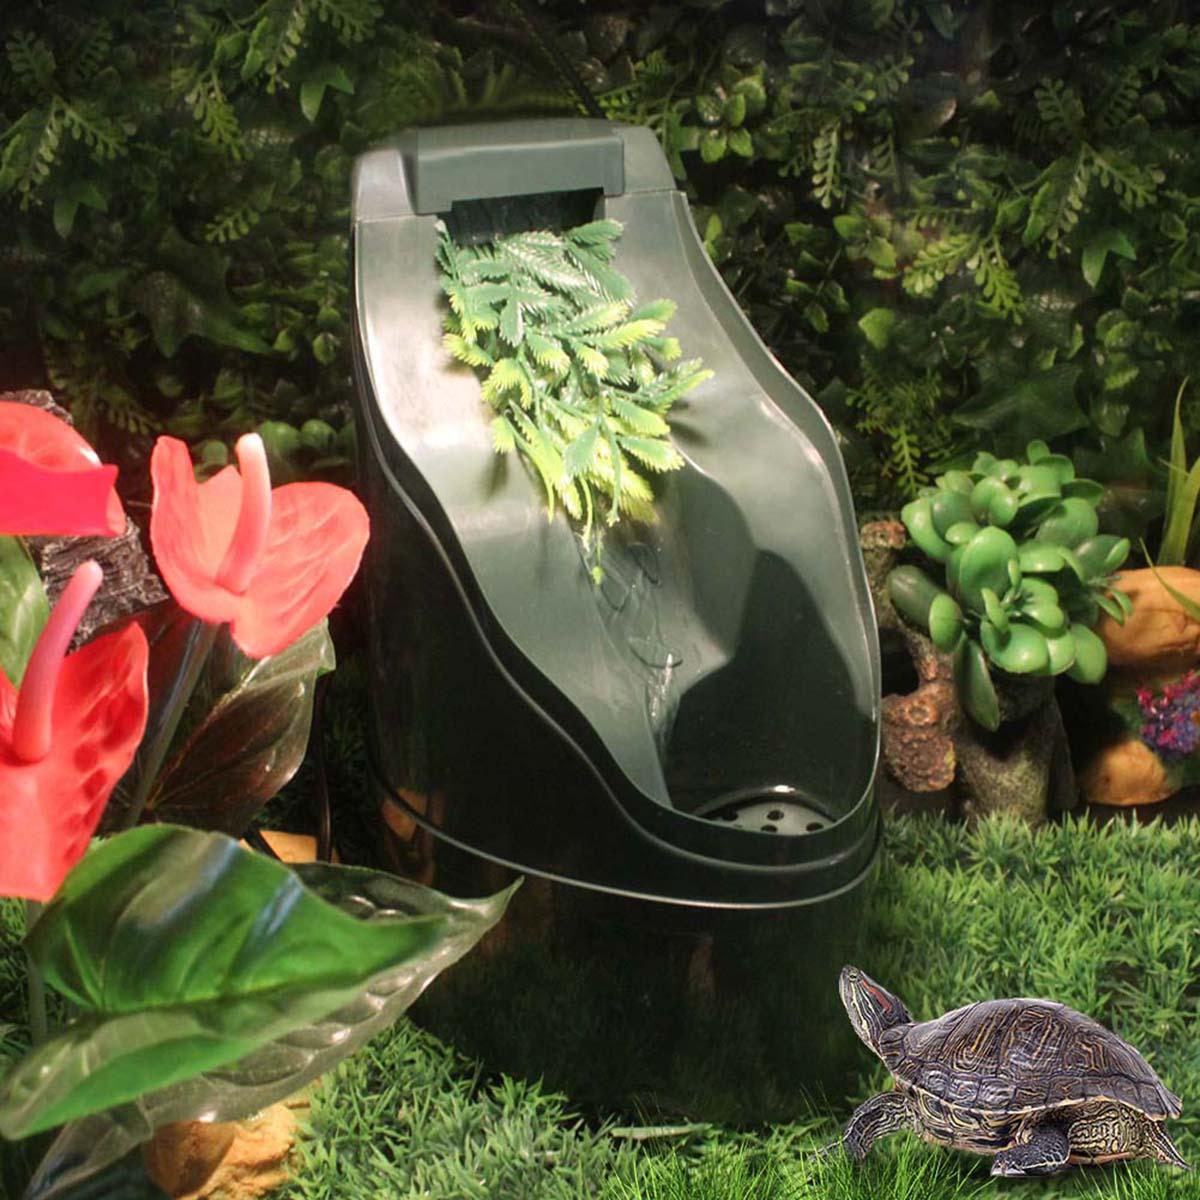 Máy uống nước tự động dành cho bò sát